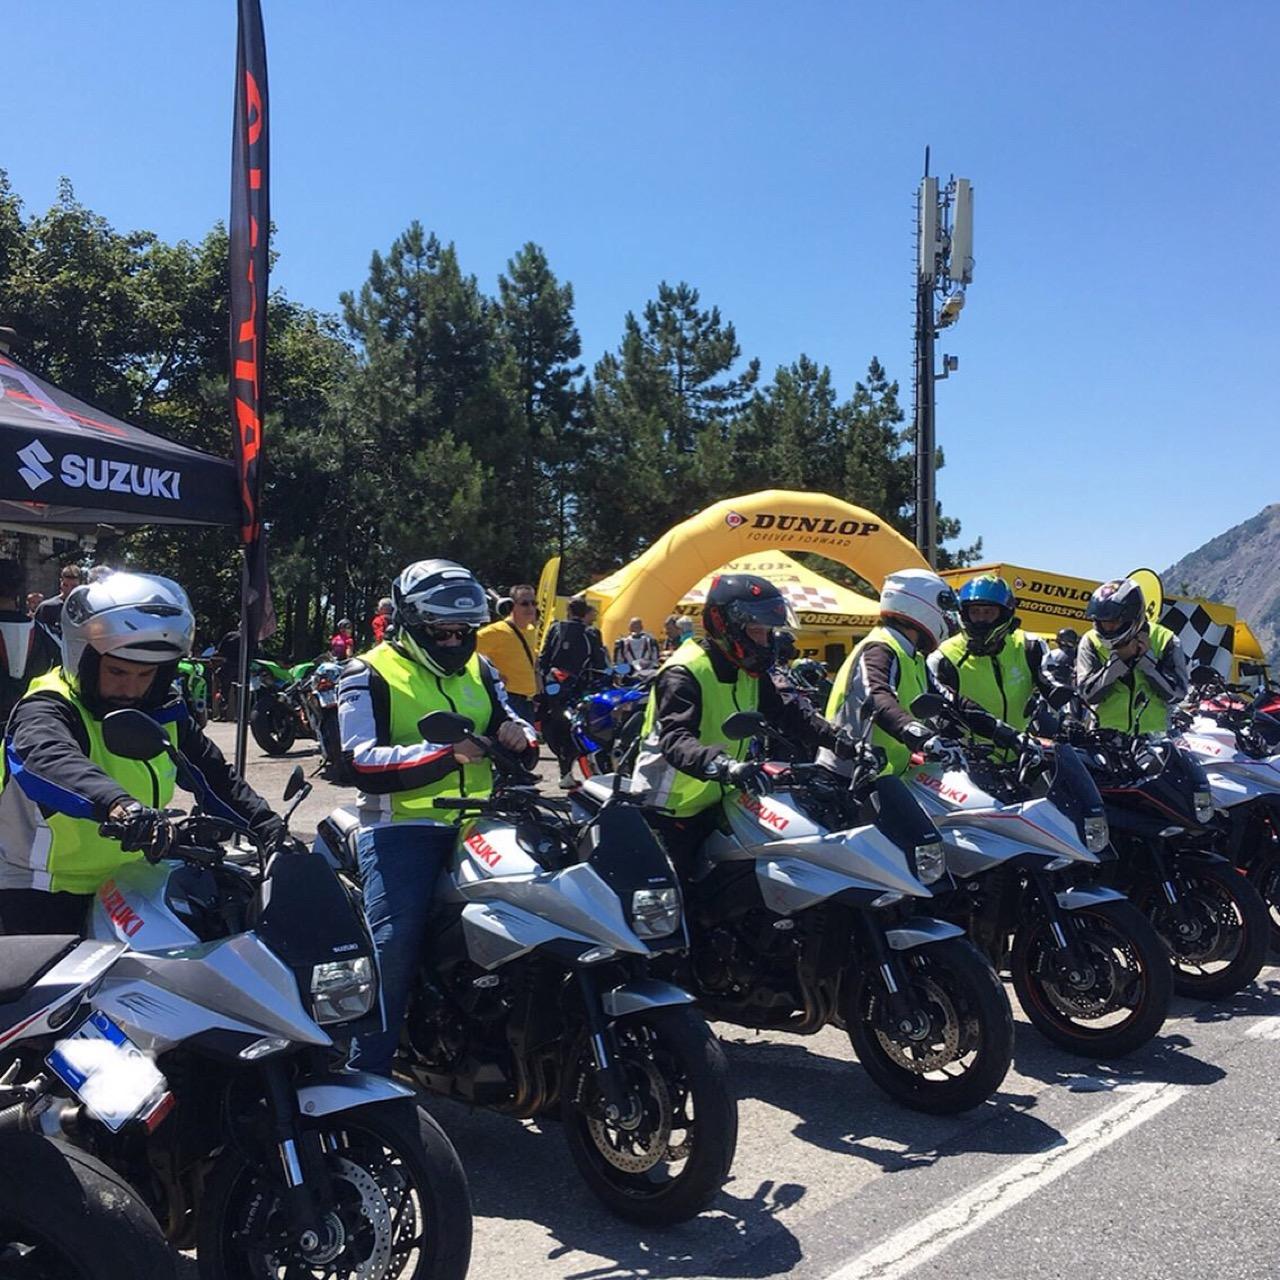 Suzuki Katana Hill Climb Tour - anticipazione tappa a Bormio